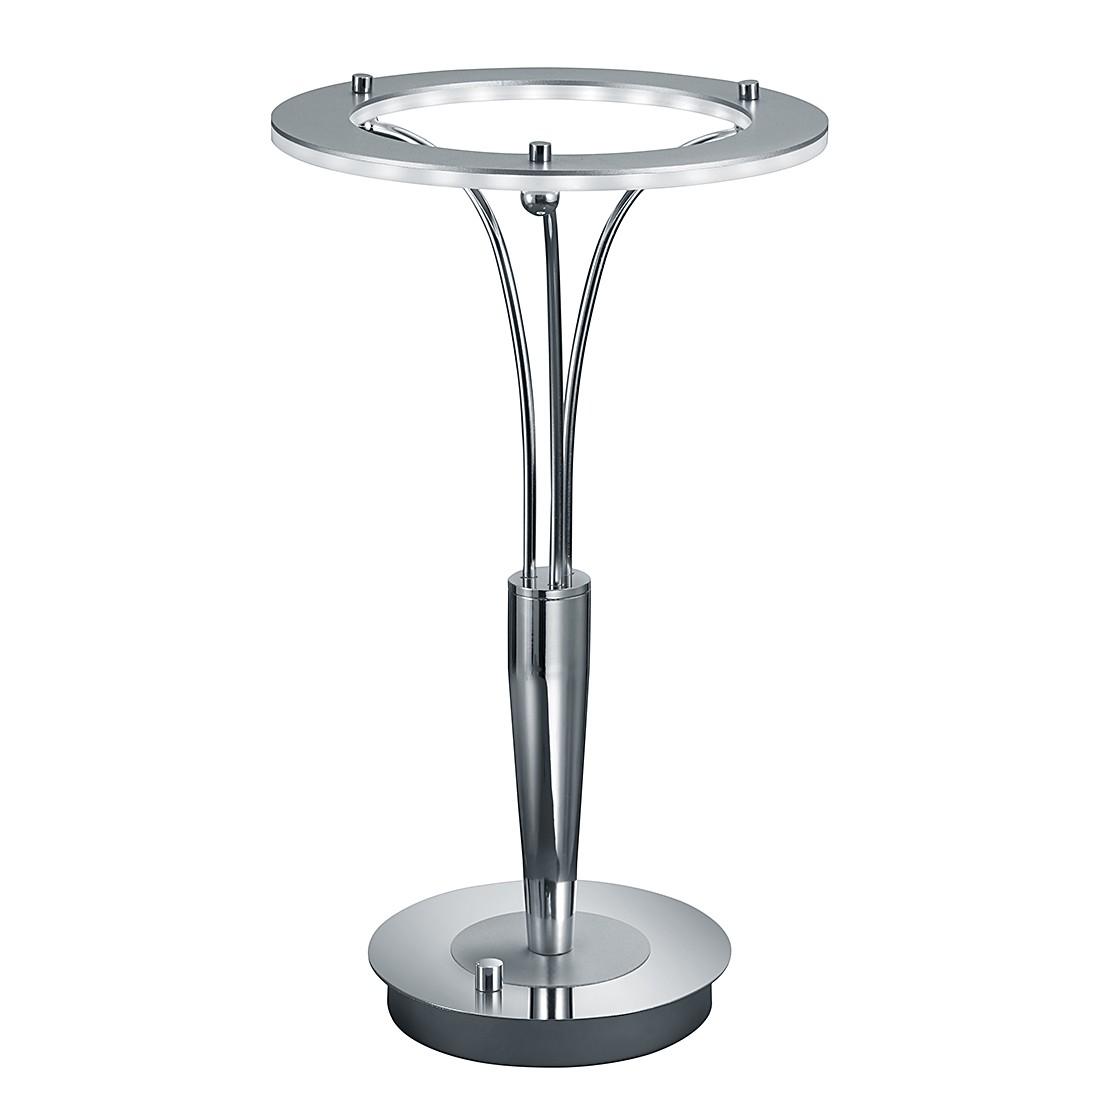 LED-Tischleuchte TORONTO – Aluminium – 1×11 W, Trio jetzt kaufen